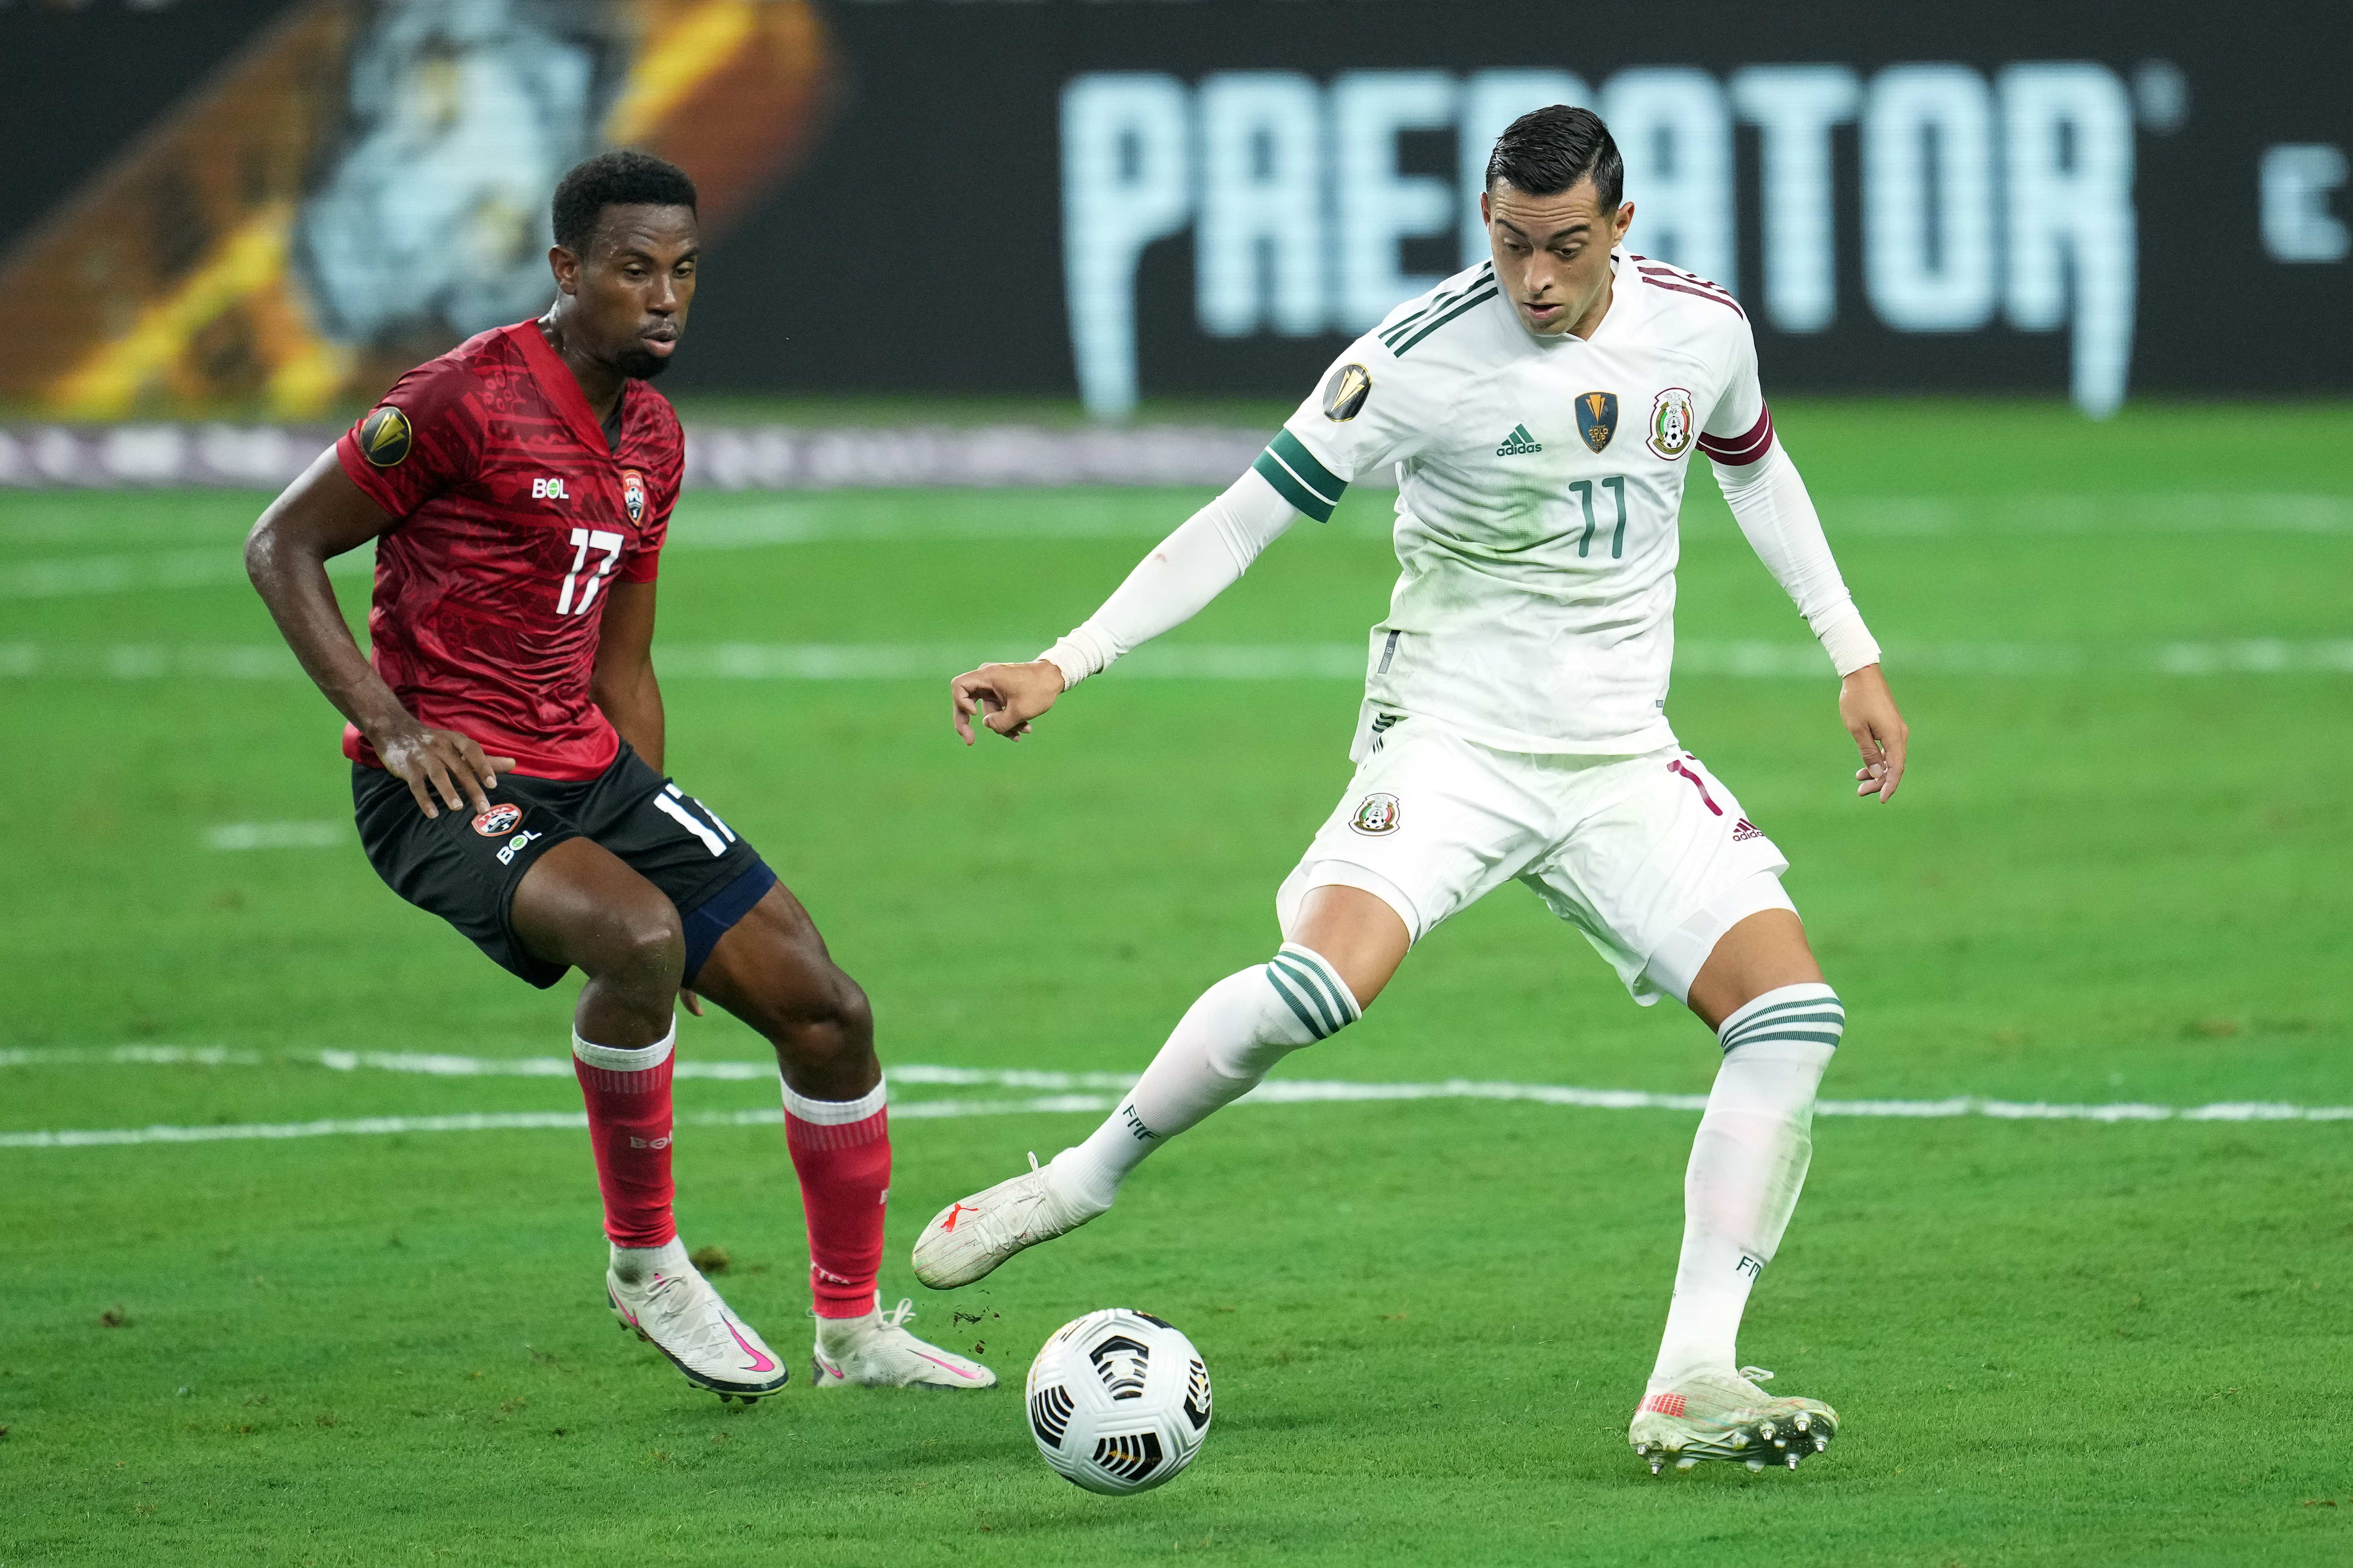 SOCCER: JUL 10 Concacaf Gold Cup - Mexico v Trinidad & Tobago